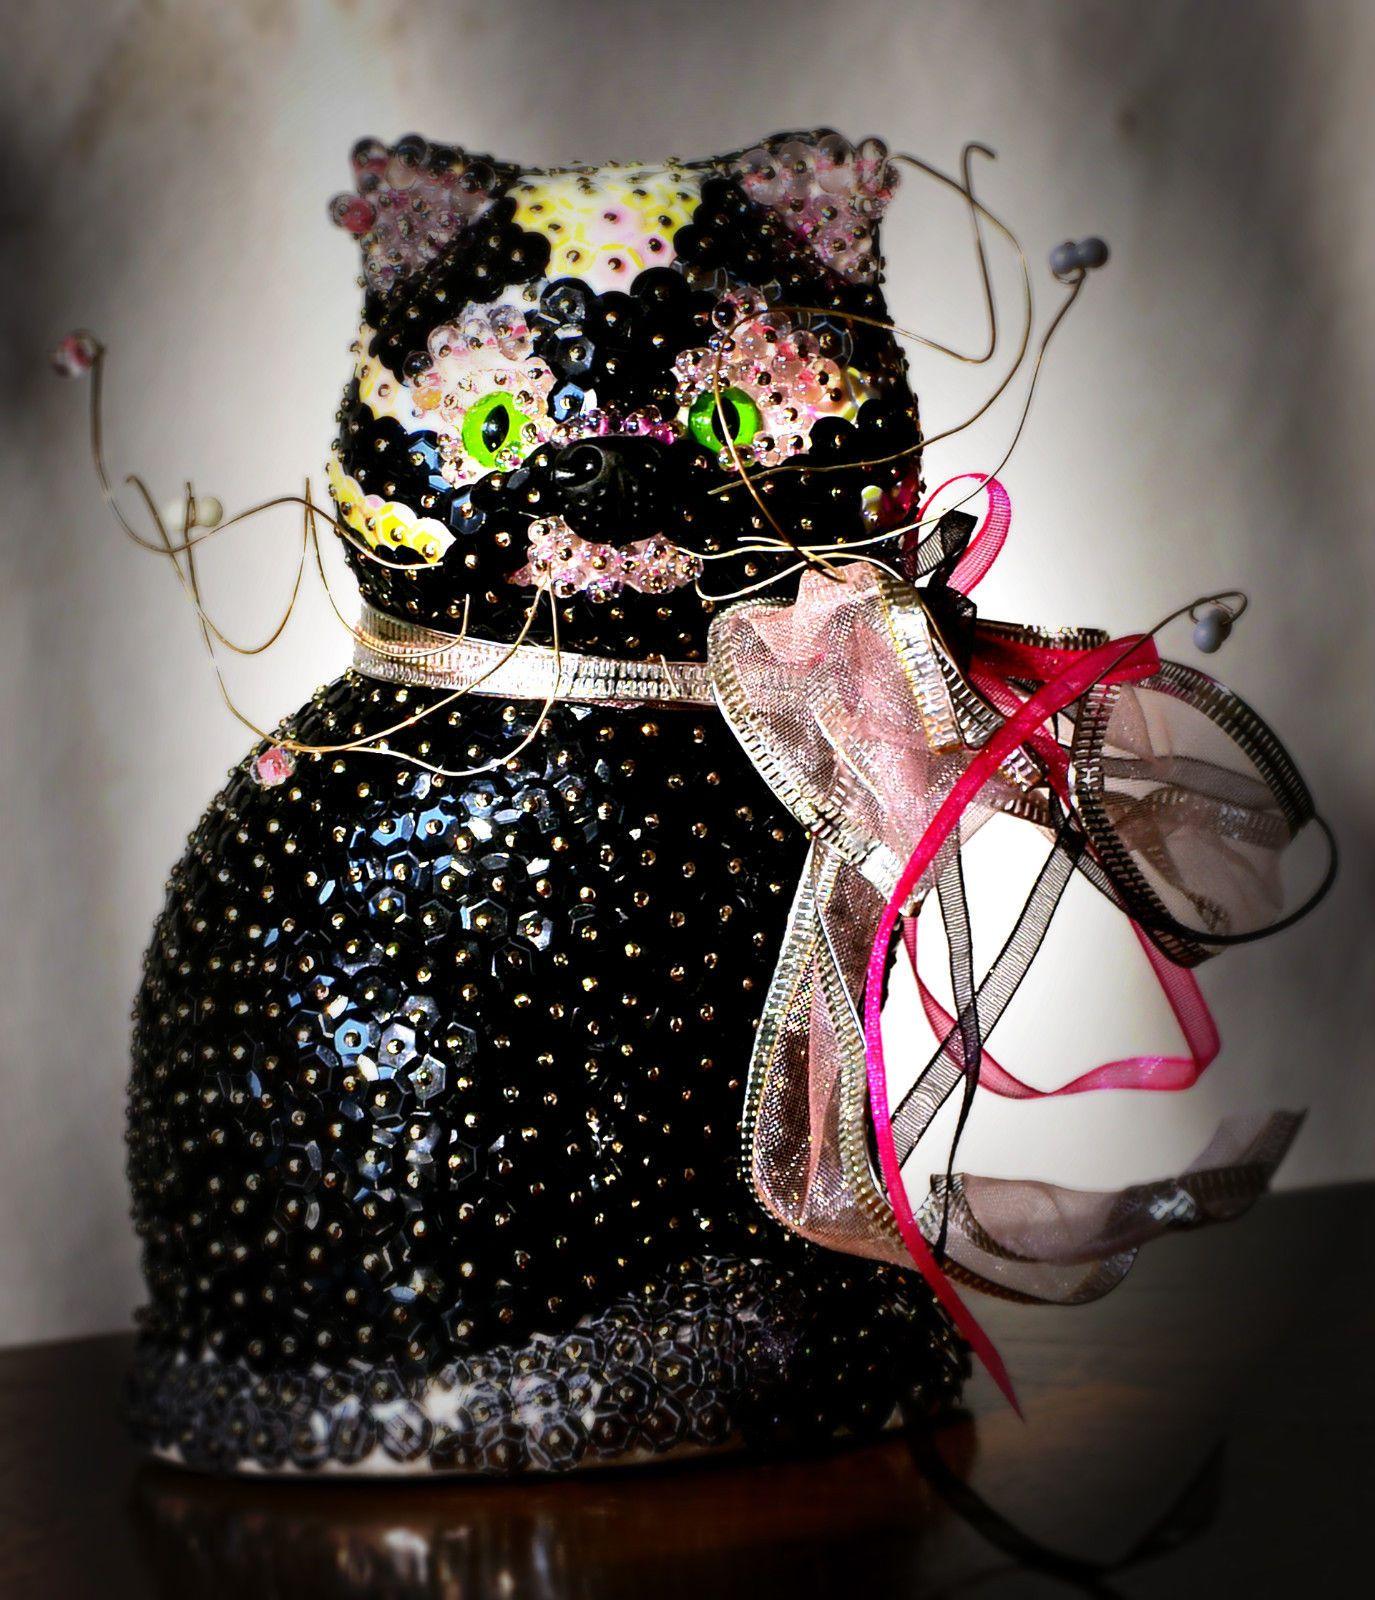 DEko Katze Pailletten Dekoration Dekorkatze   eBay